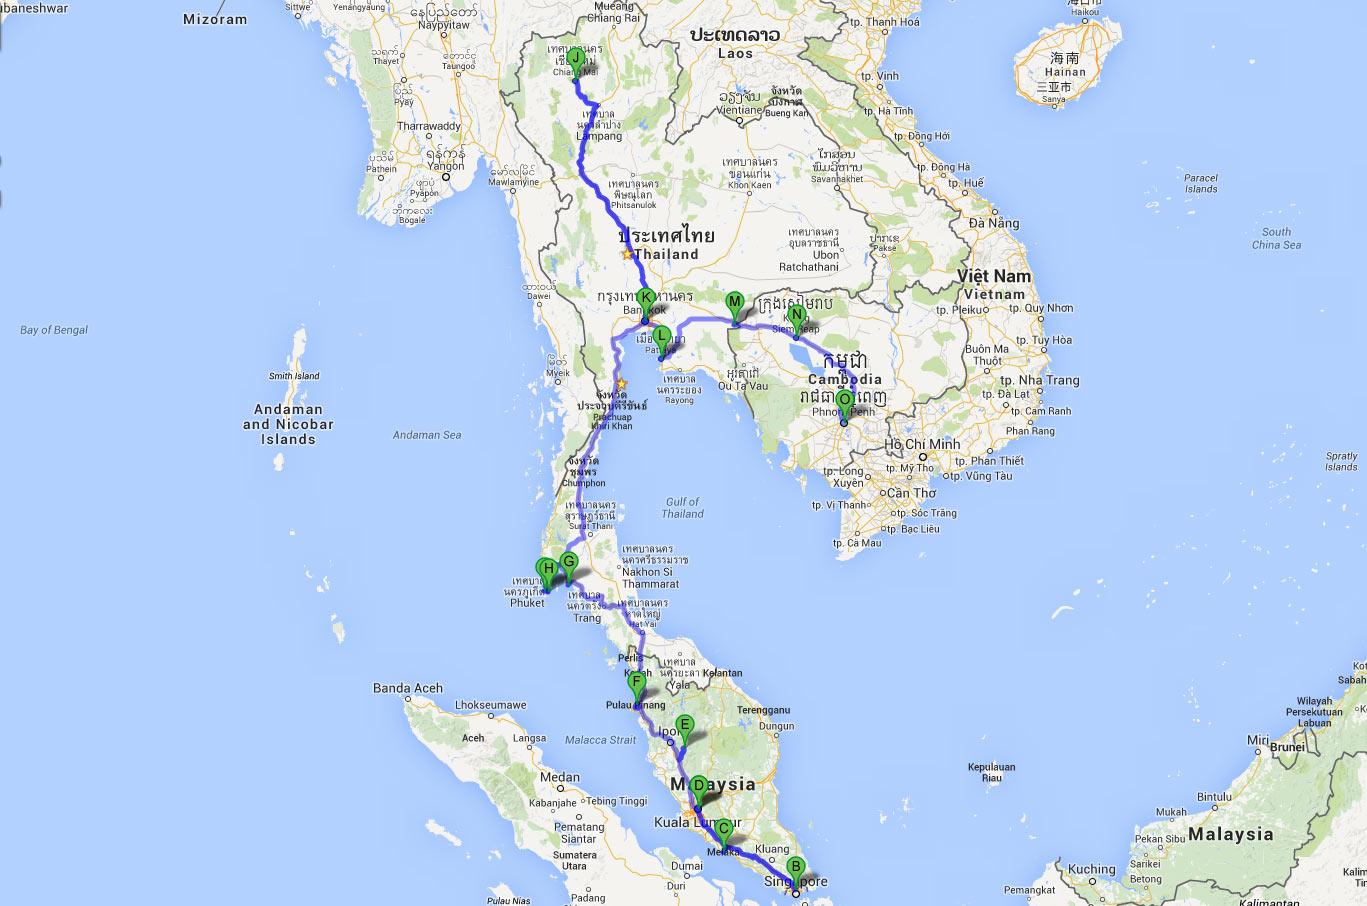 La ruta de nuestro viaje lowcost por el sudeste astiático: Malasia, Talandia, Camboya y Singapur